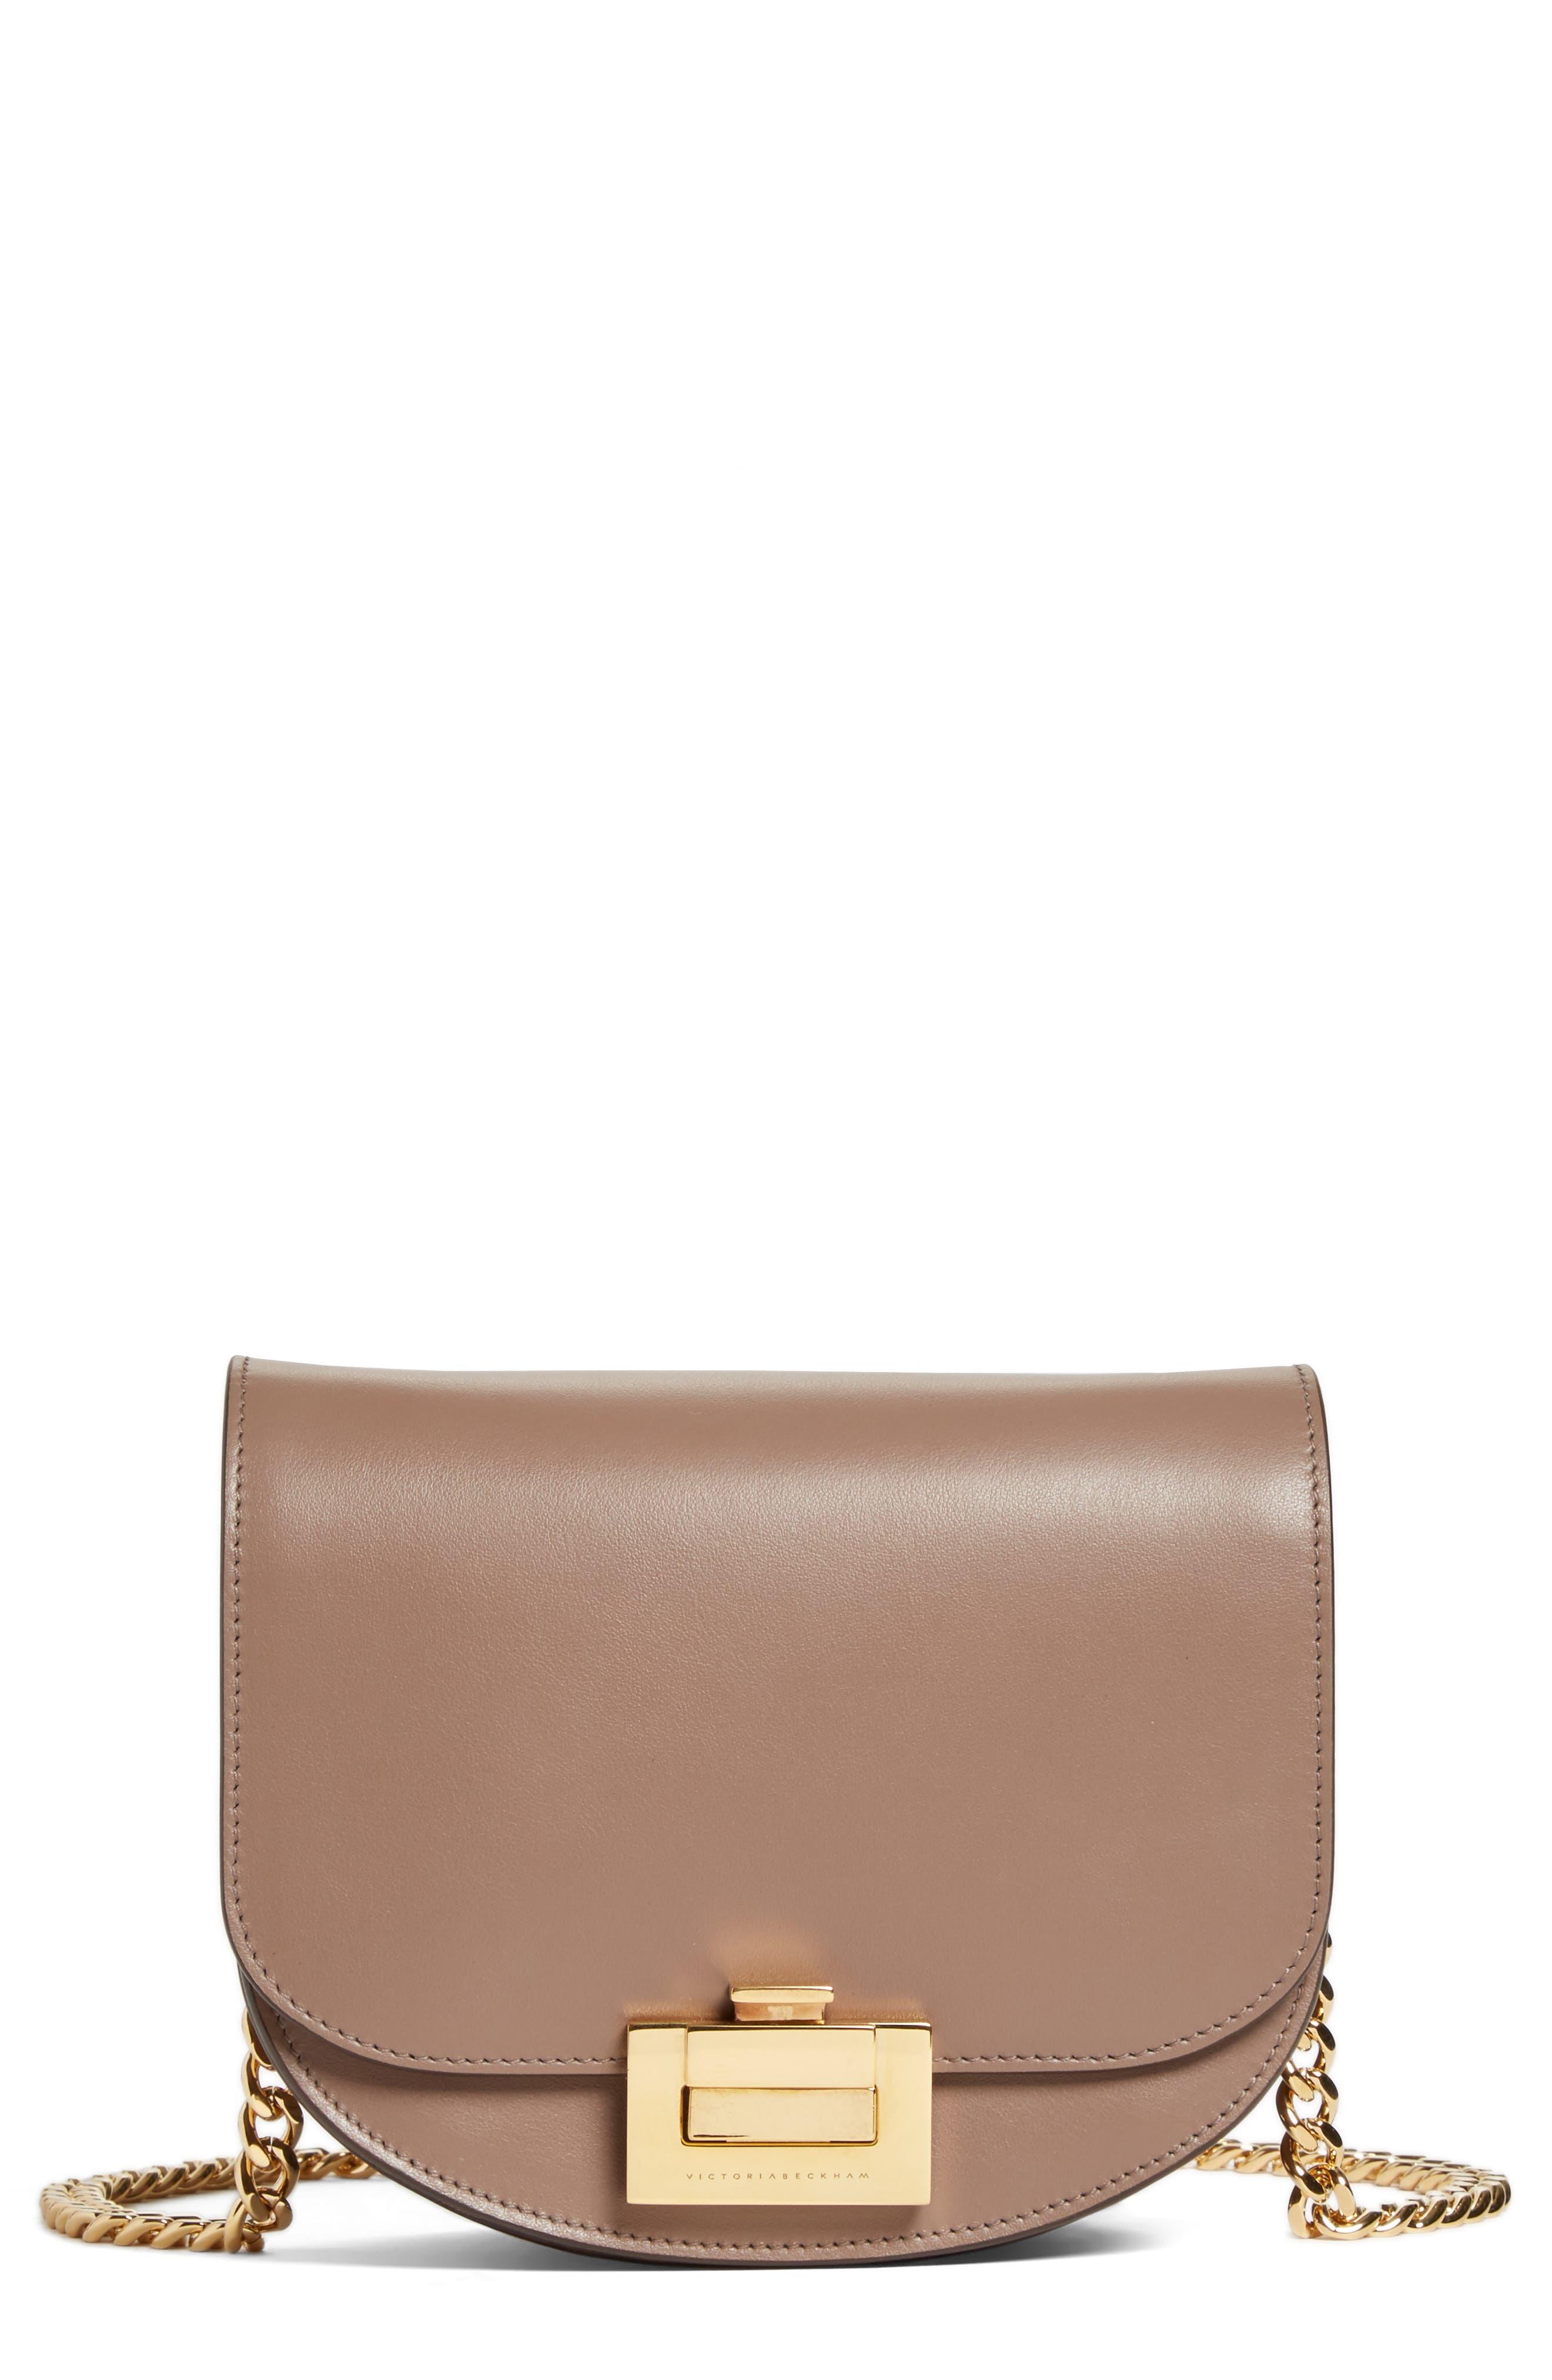 Alternate Image 1 Selected - Victoria Beckham Medium Box Leather Shoulder Bag